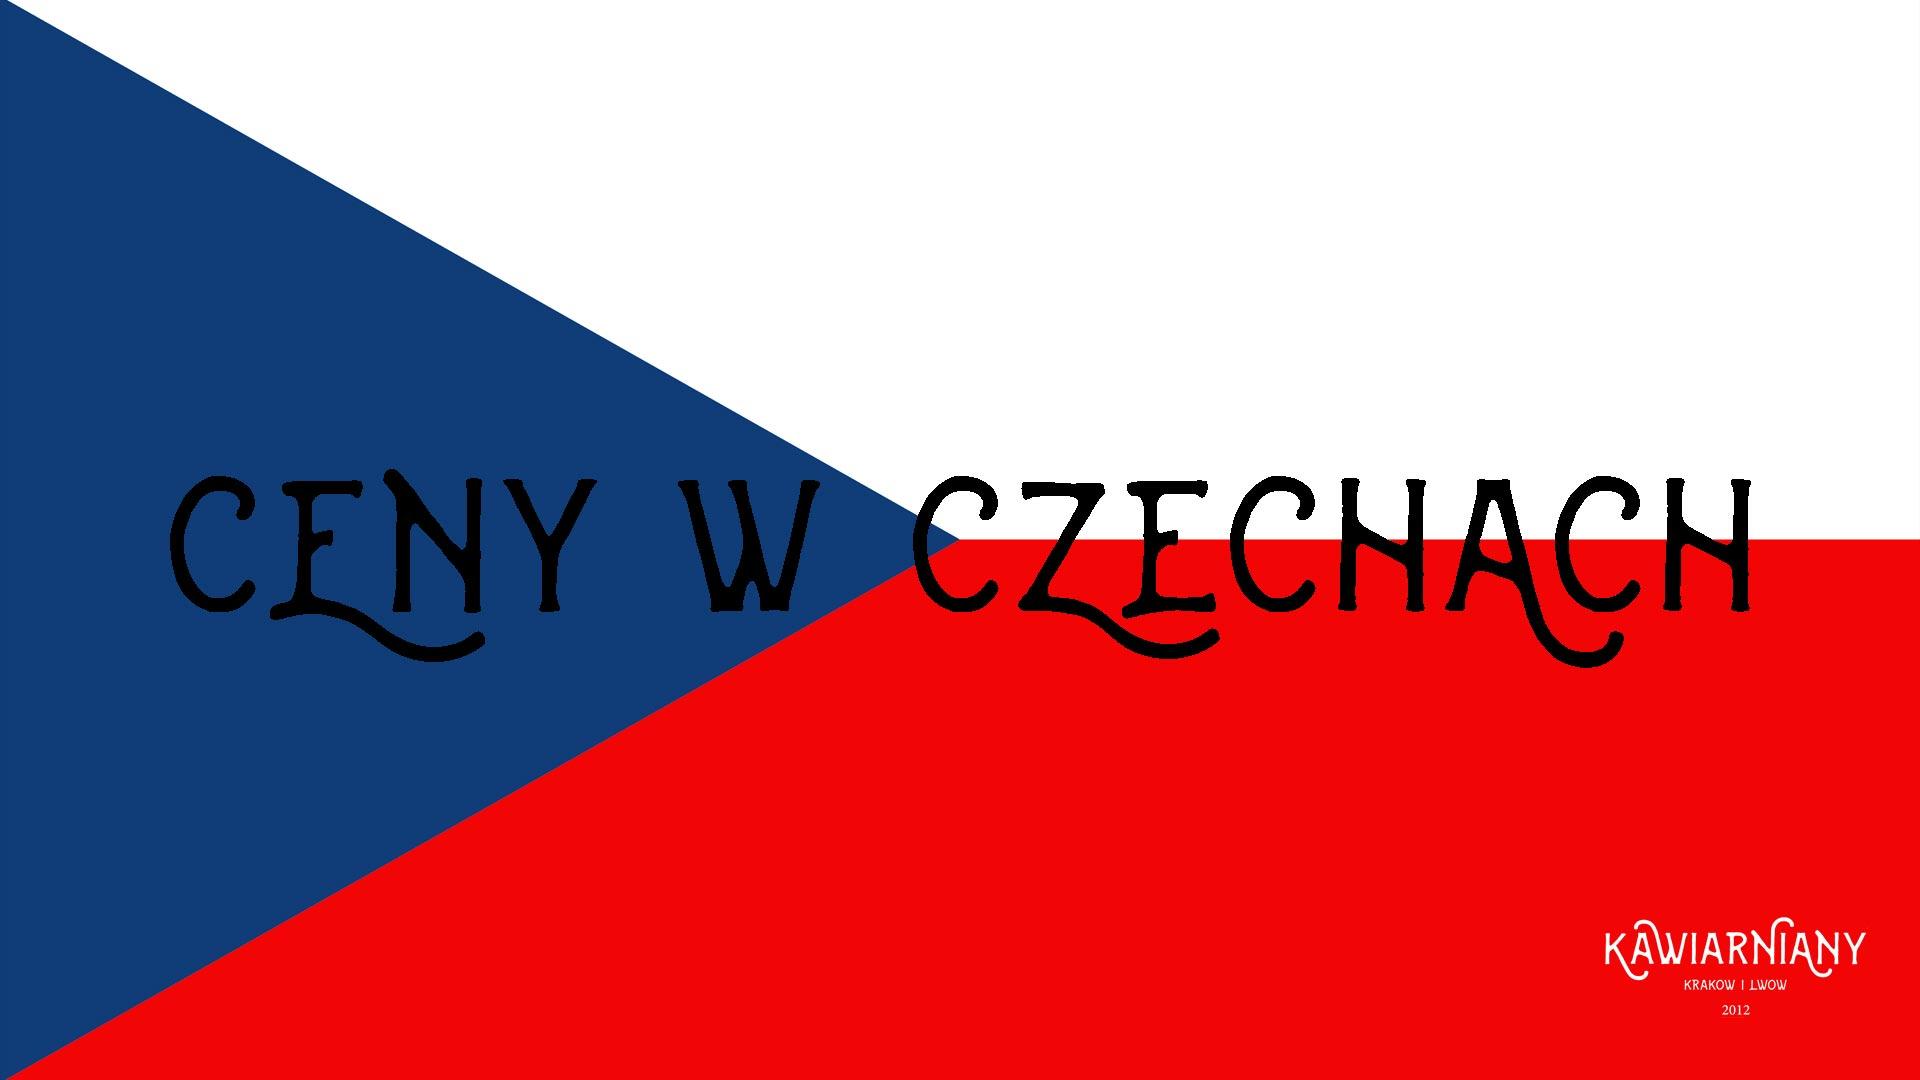 Ceny w Czechach, ceny w Pradze – obiad, zakupy, paliwo